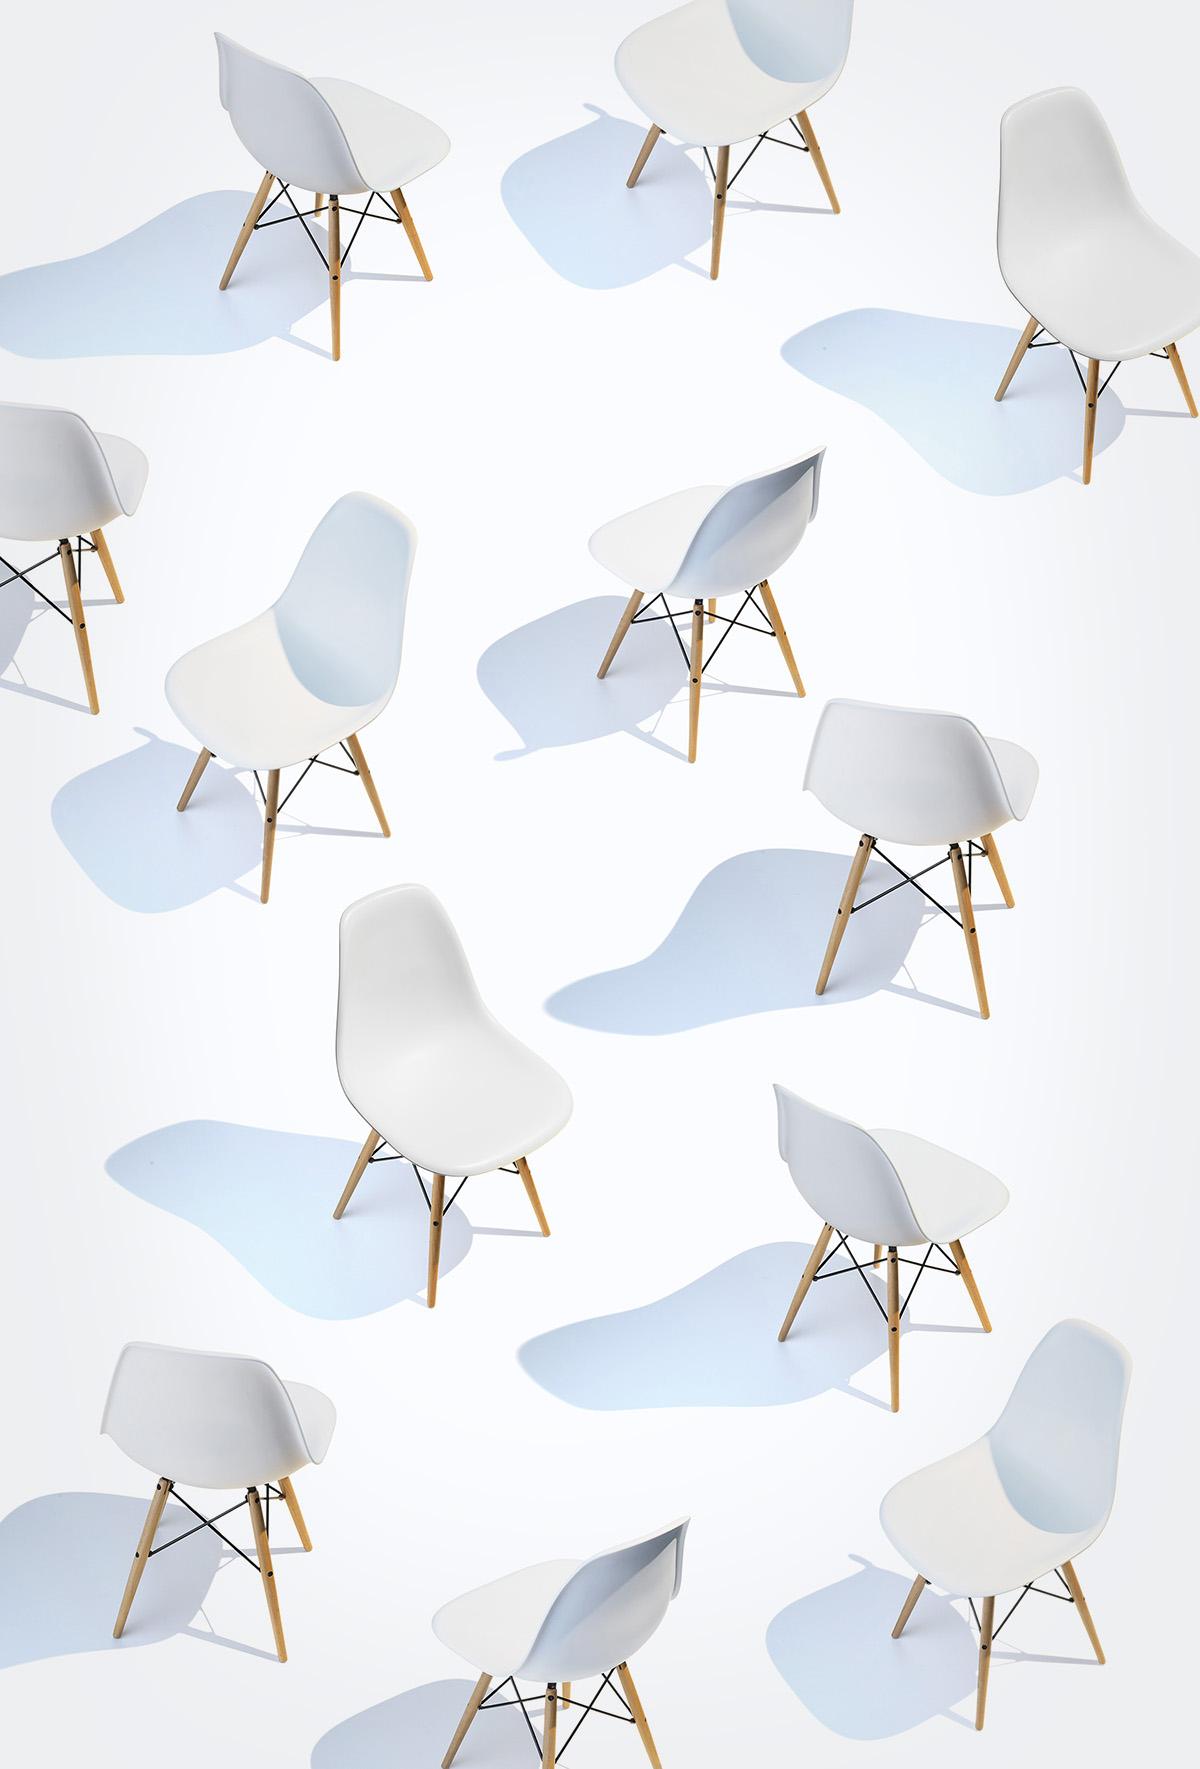 chairs-comp-copy.jpg